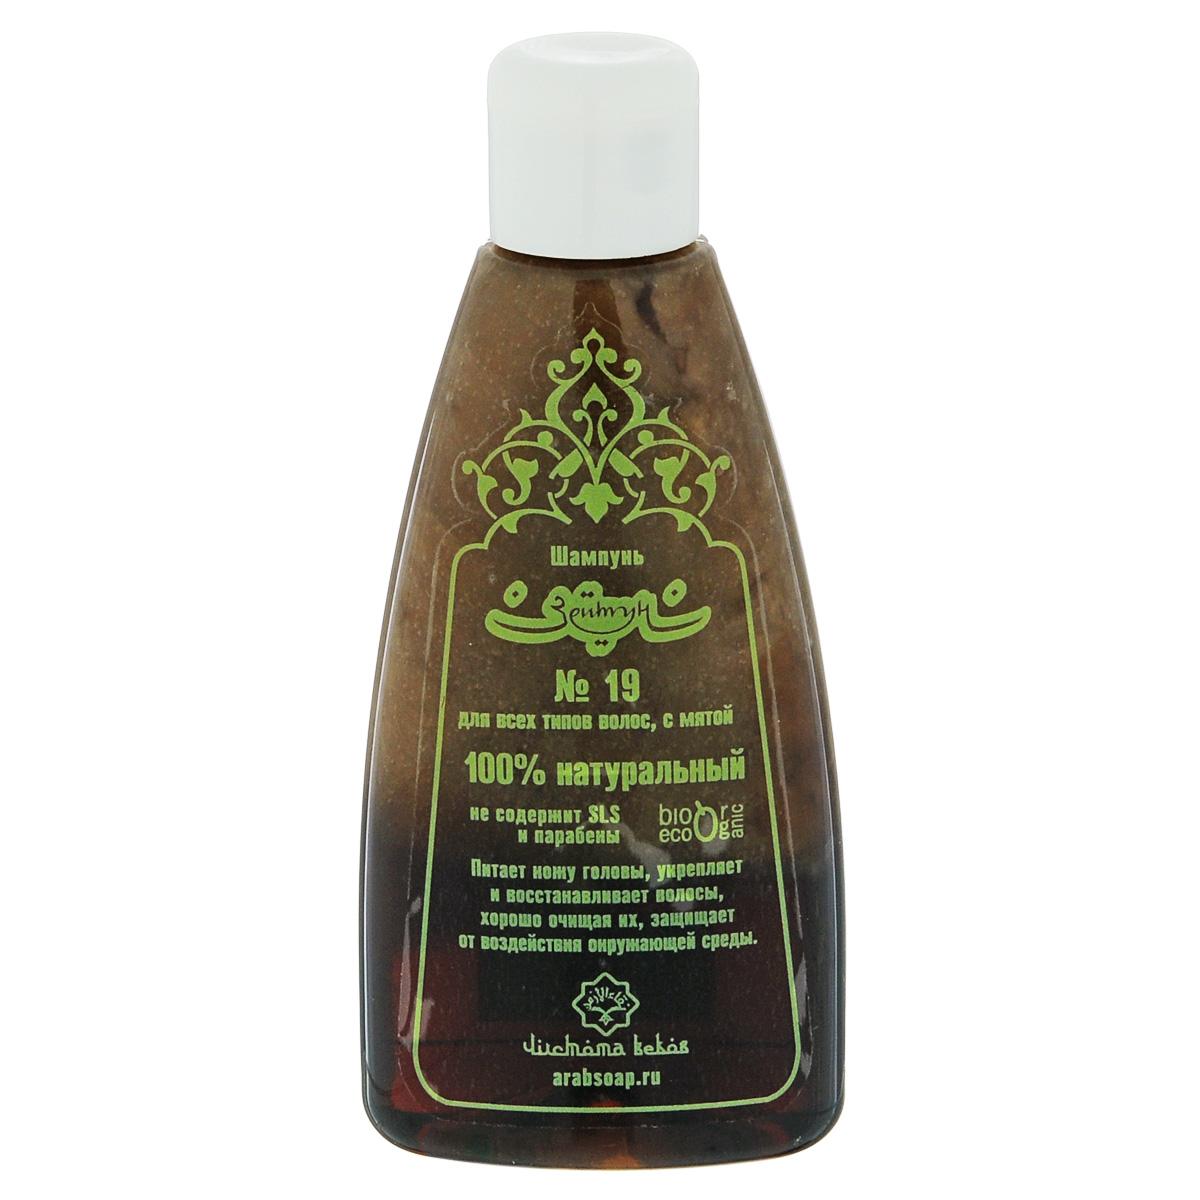 Зейтун Шампунь для волос №19 с мятой, 150 млZ0419Ещё один универсальный шампунь в нашей линейке средств по уходу за волосами. Хорошо очищает кожу головы и волосы, благодаря сбалансированному составу масел и экстрактов может использоваться ежедневно для всех типов волос. Обладает легким успокаивающим и релаксирующим ароматерапевтическим эффектом.